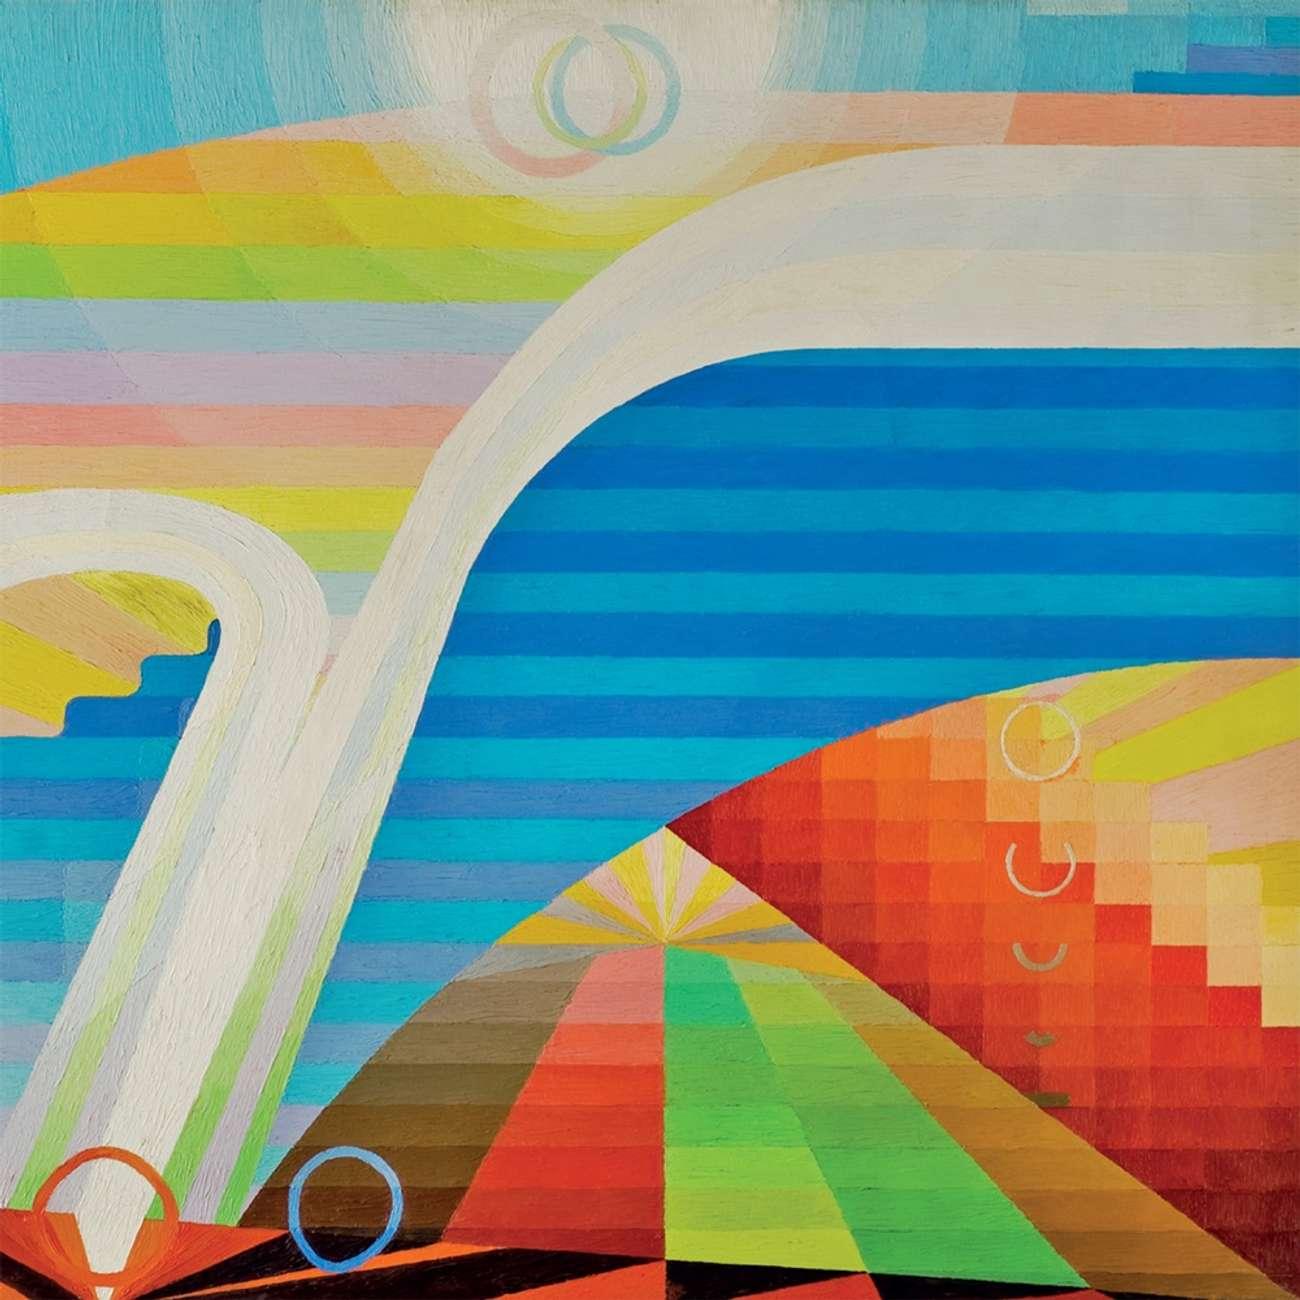 Symphonie Pacifique by Greg Foat